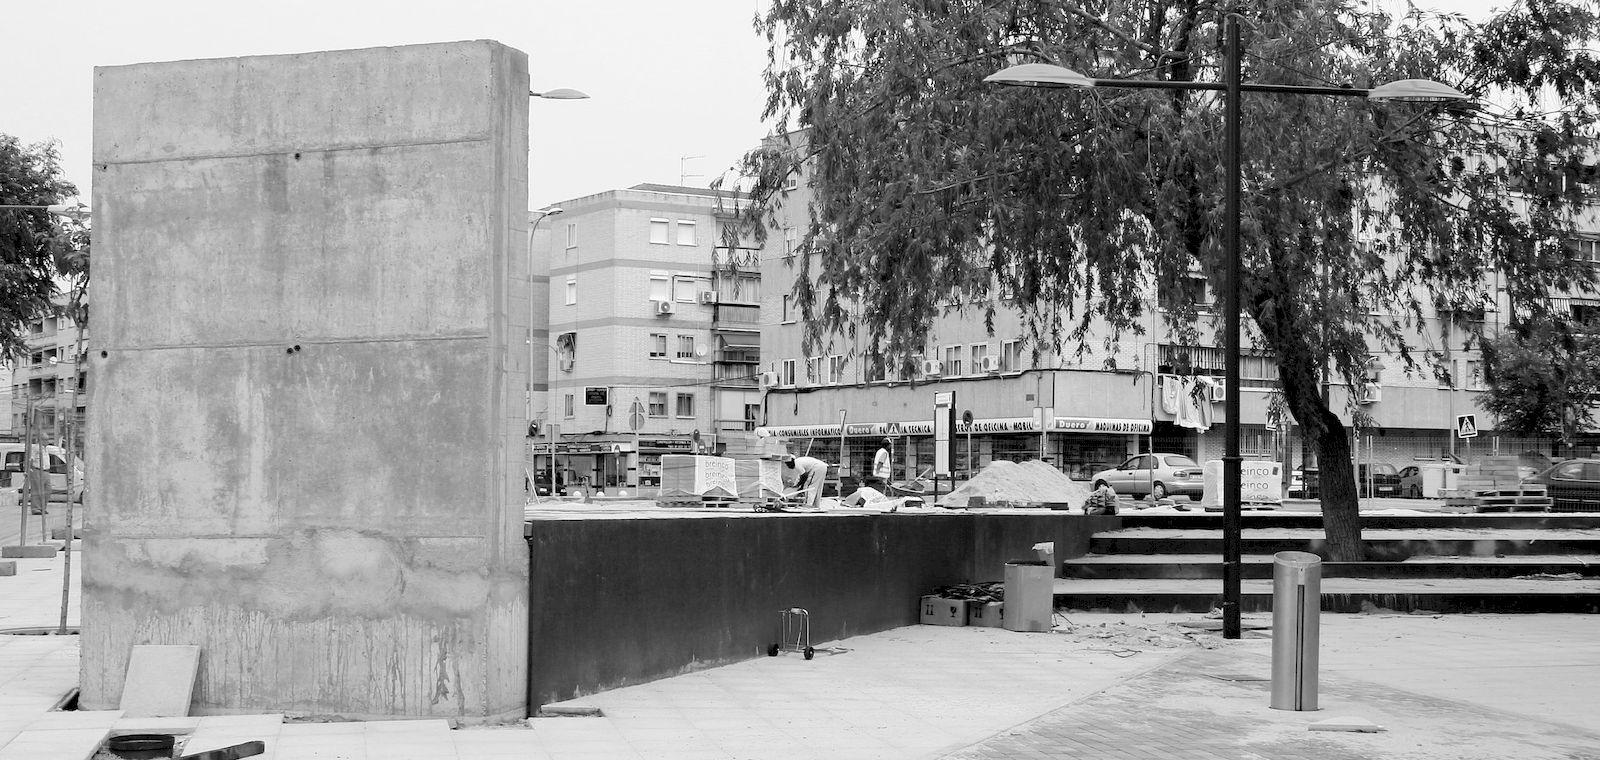 Plaza u3 estudio de arquitectura madrid - Estudios arquitectura espana ...